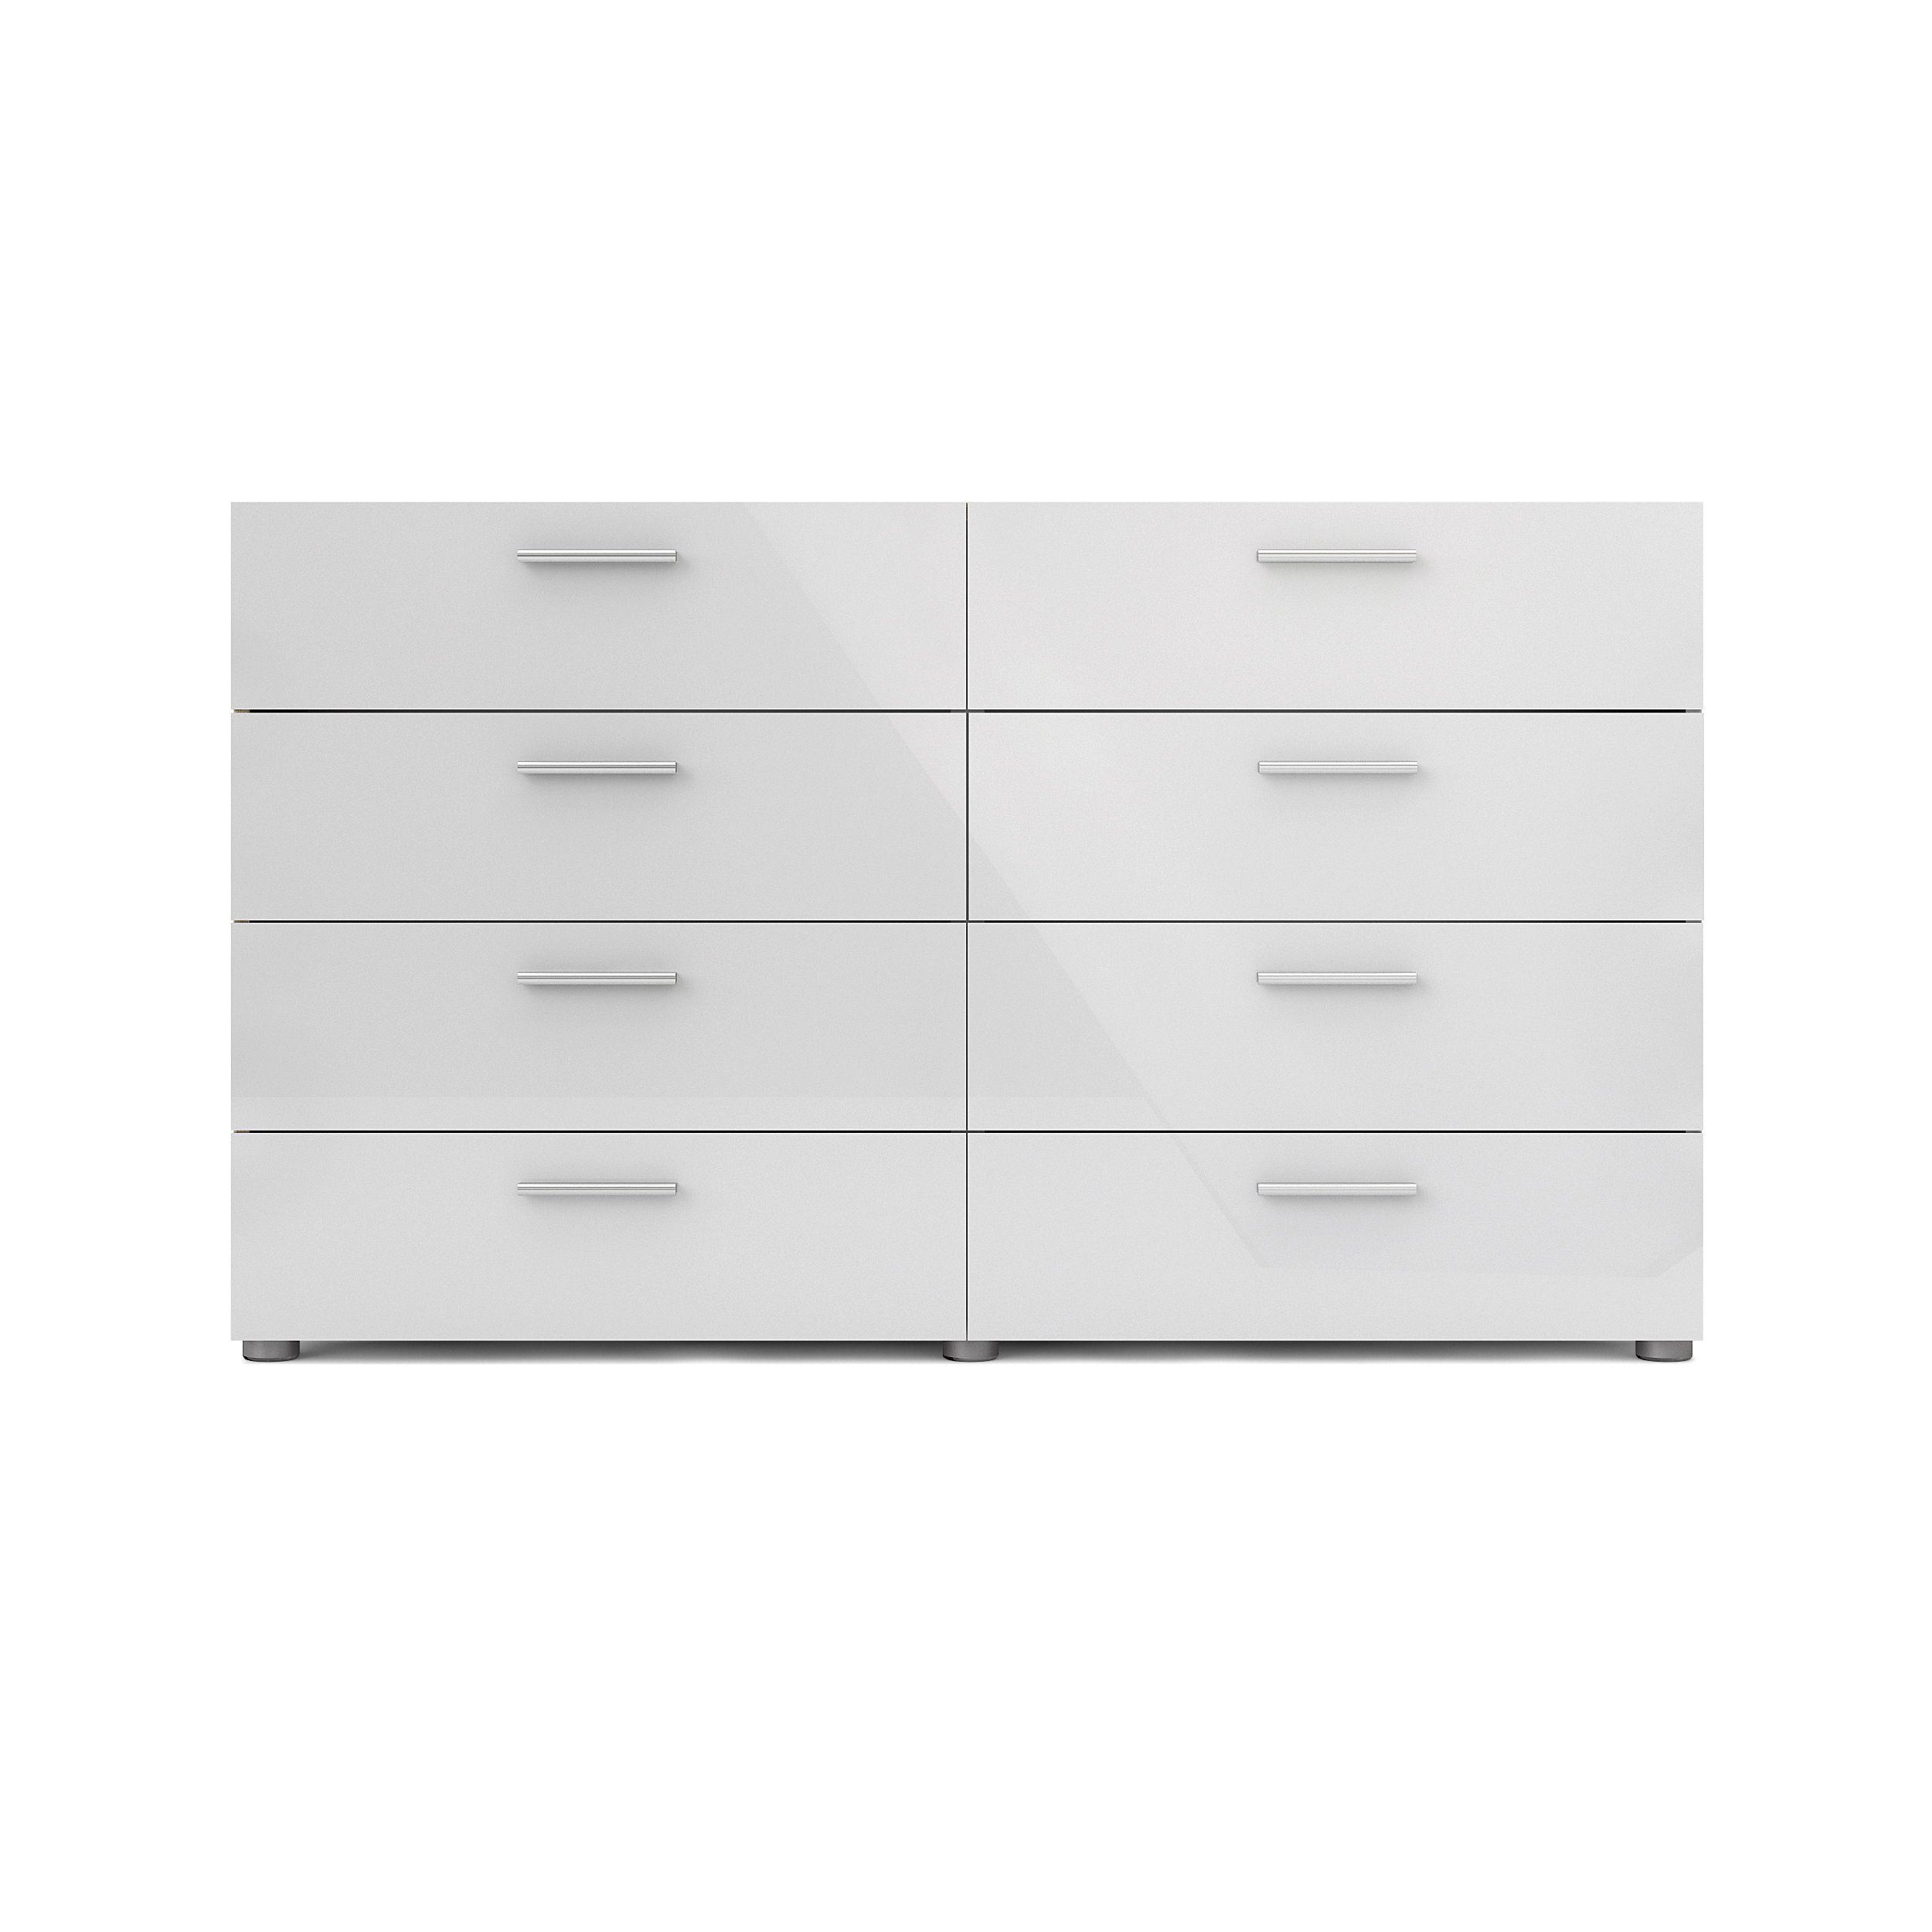 Tvilum Loft 8 Drawer Double Dresser Multiple Colors Walmart Com Modern Dresser Double Dresser Tvilum [ 2500 x 2500 Pixel ]